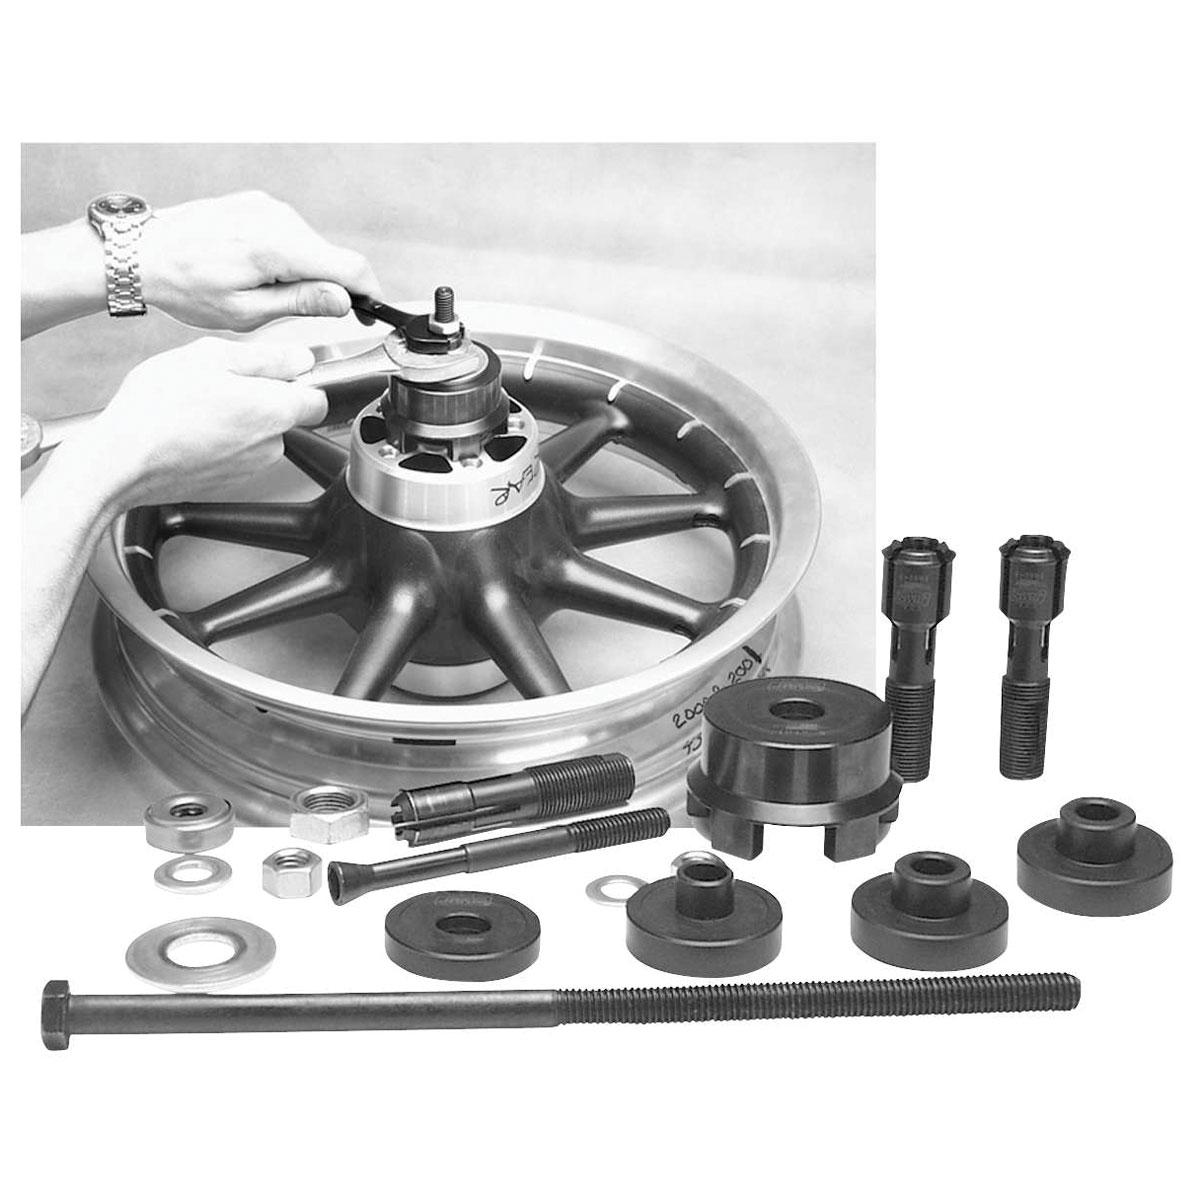 JIMS Wheel Bearing Remover and Installer Kit - 939